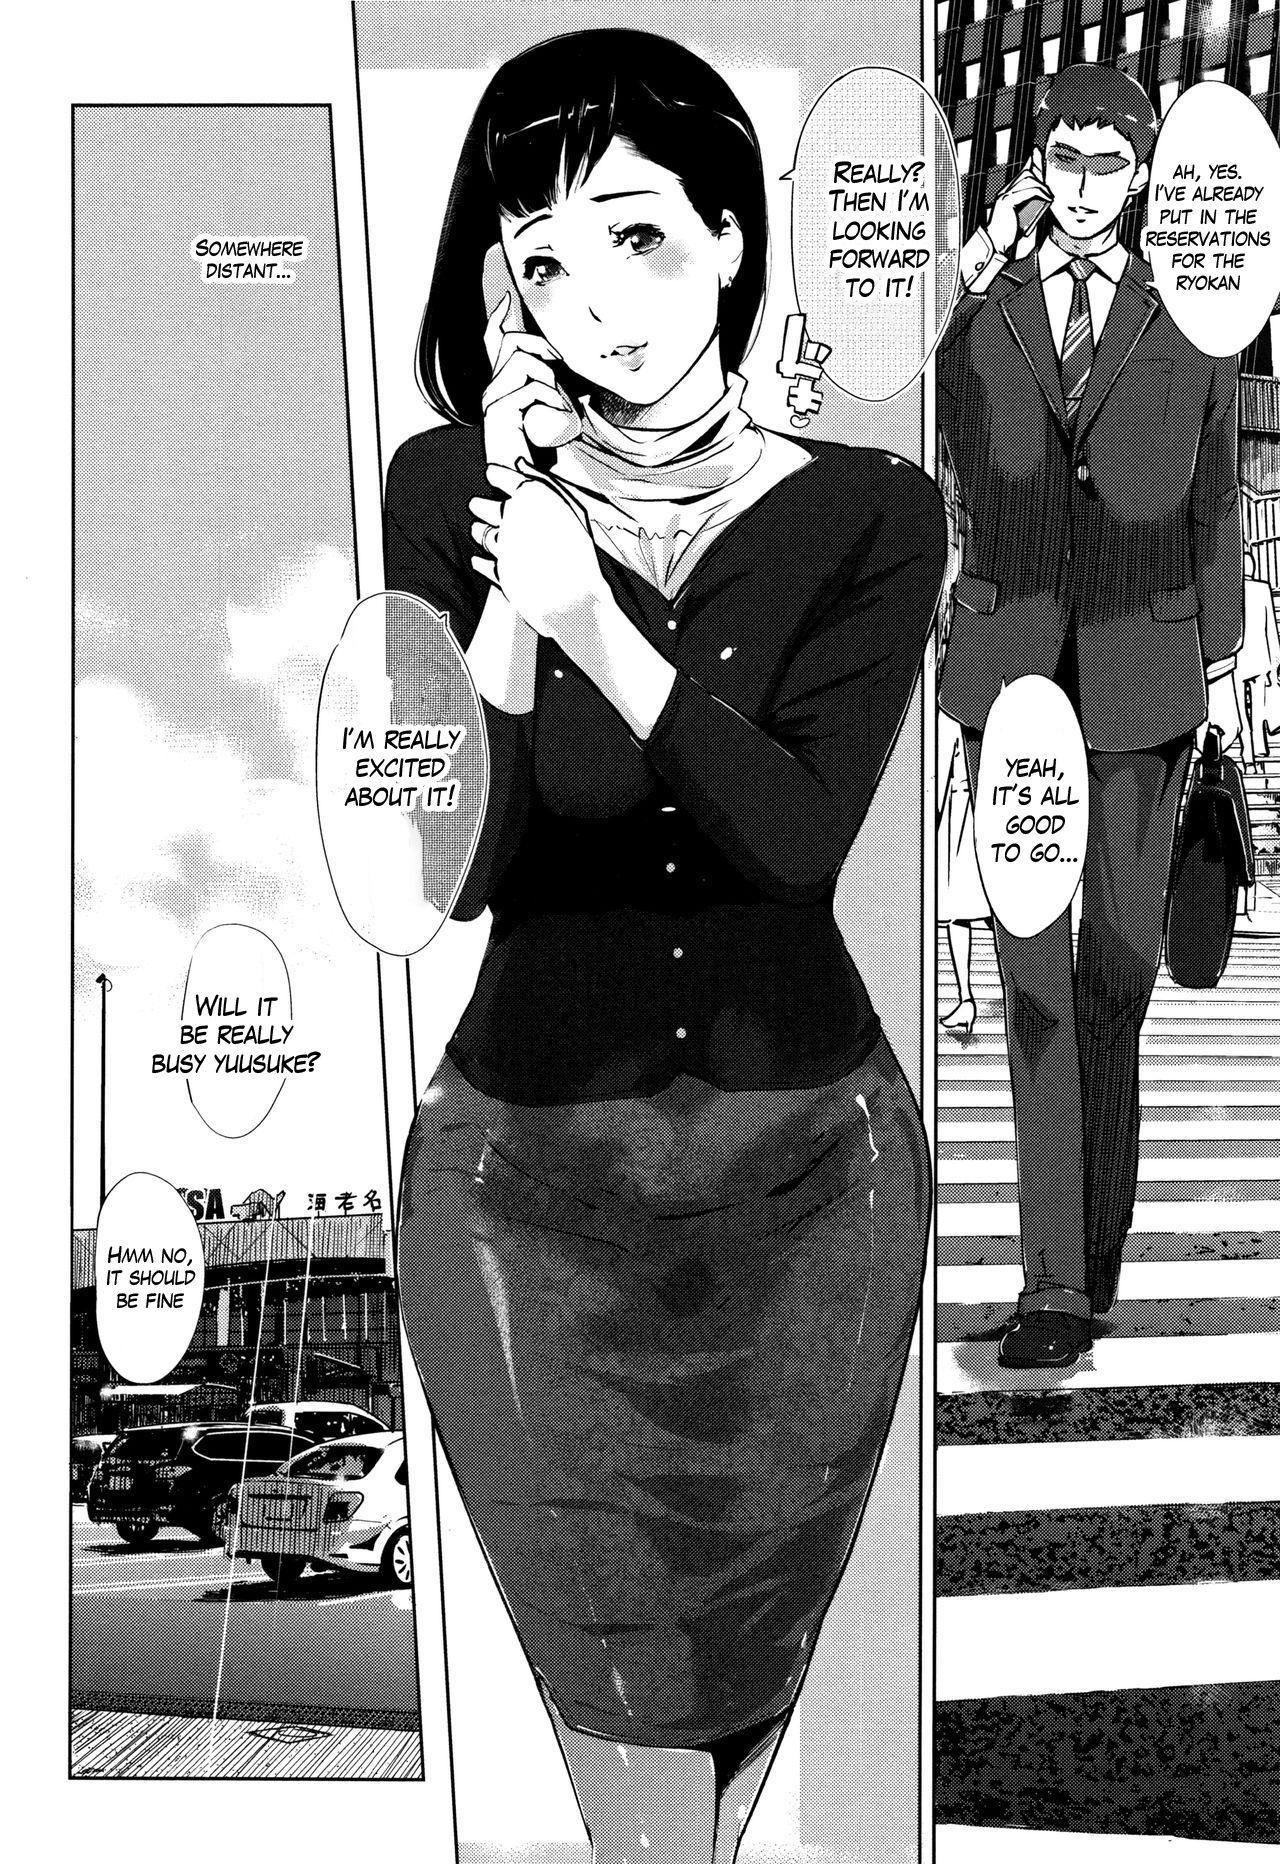 [Clone Ningen] Shinjuiro no Zanzou ~Kazoku ga Neshizumatta Ato de~ Ch. 6 [English] 15